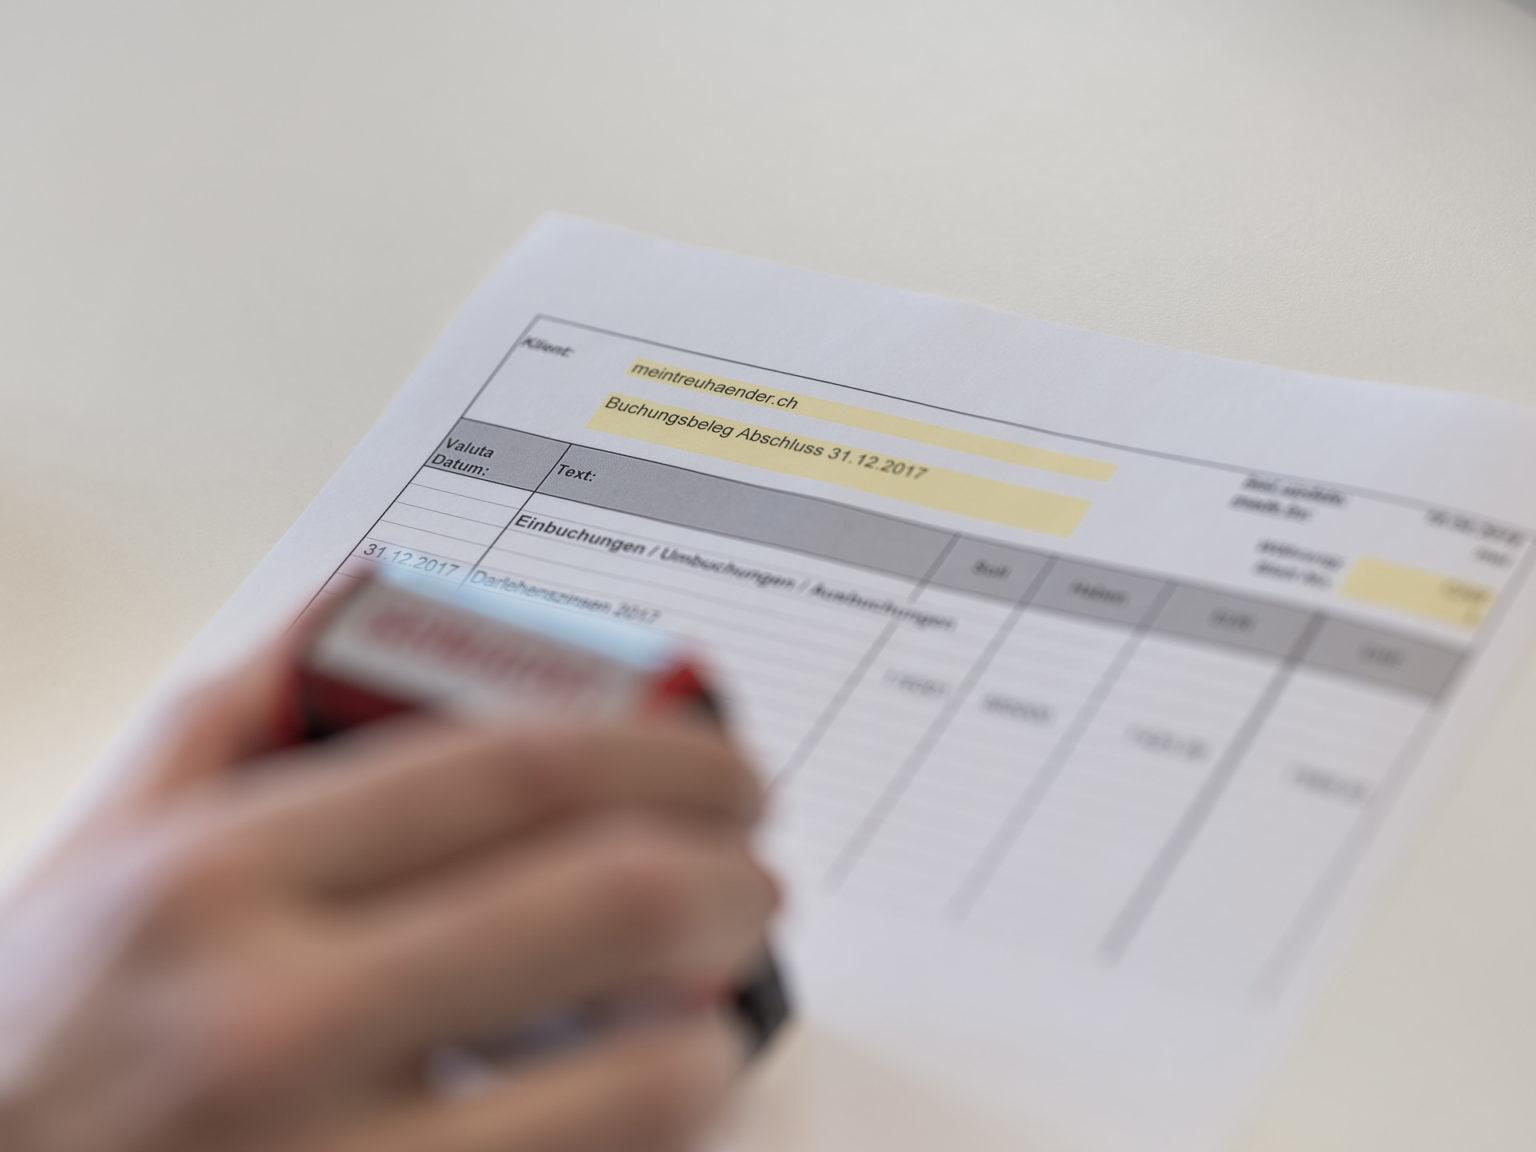 Accounting - MHN Treuhand AG